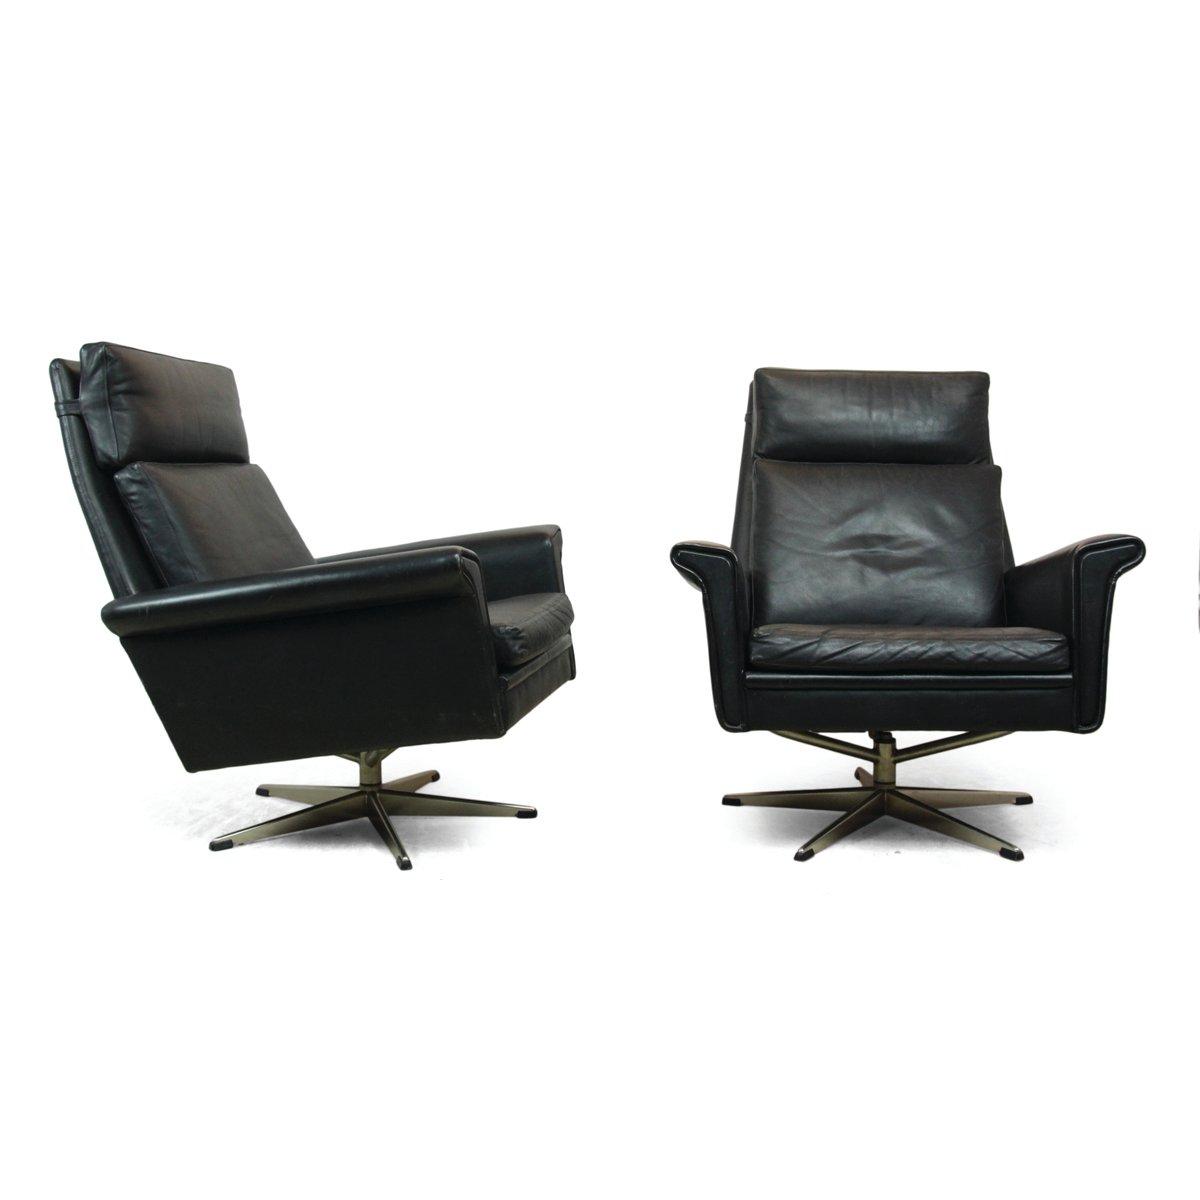 d nische schwarze leder drehsessel 1960er 2er set bei. Black Bedroom Furniture Sets. Home Design Ideas